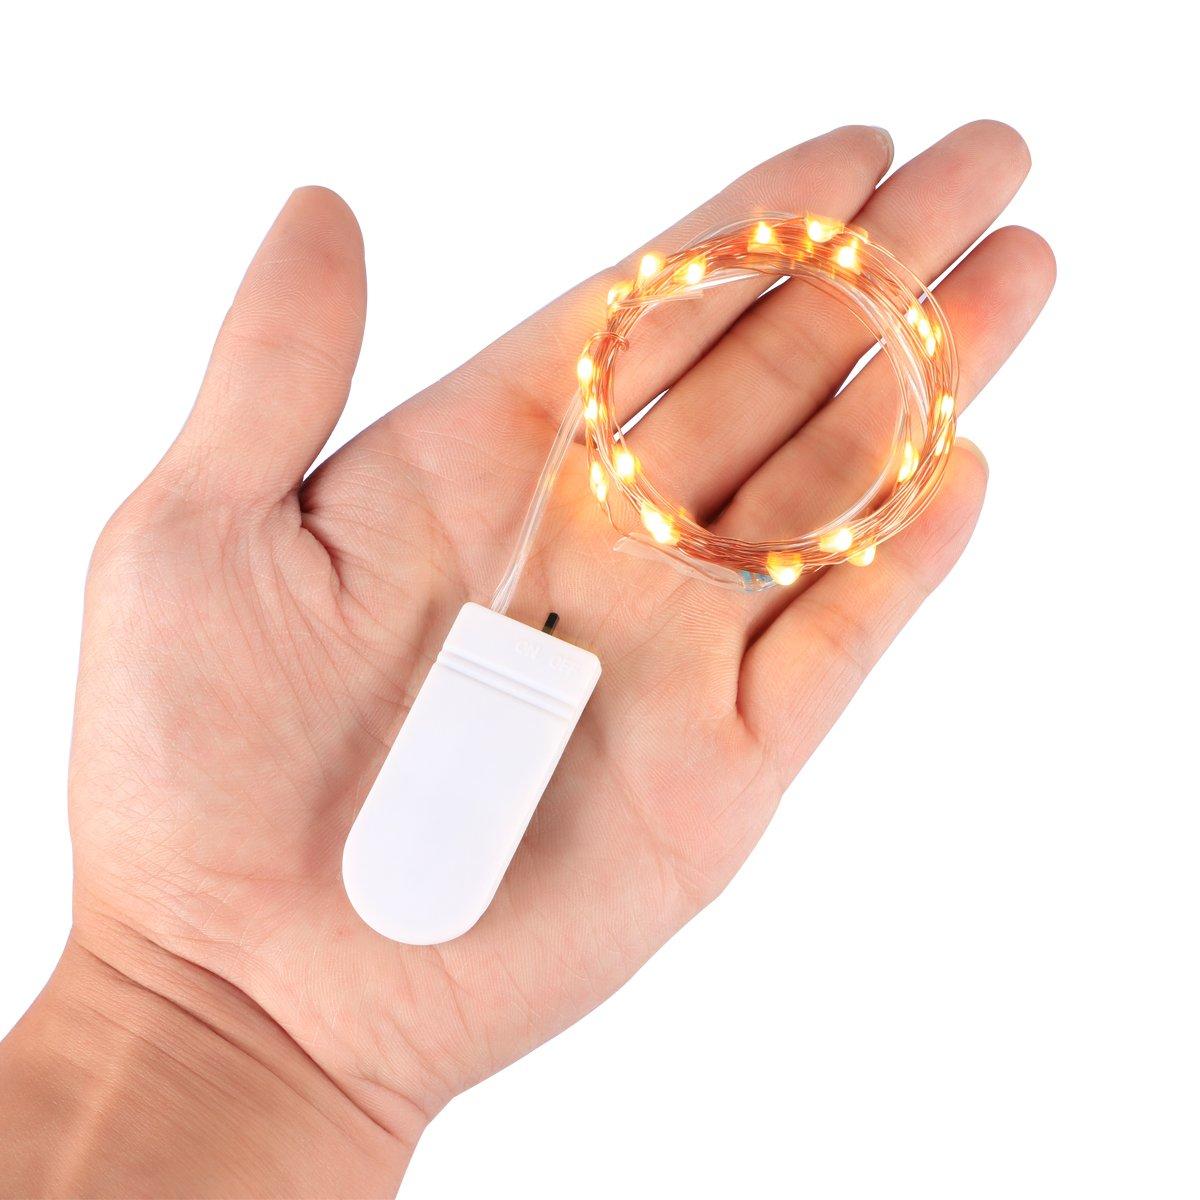 ZWOOS 6PCS/set LED de Luz Cálida Cadena Luces Con Pilas Del 20 LEDs Luces de Hadas Micro 2M Desarrollado Cadena de Luz Estrellada para Jardines, Hogar, ...